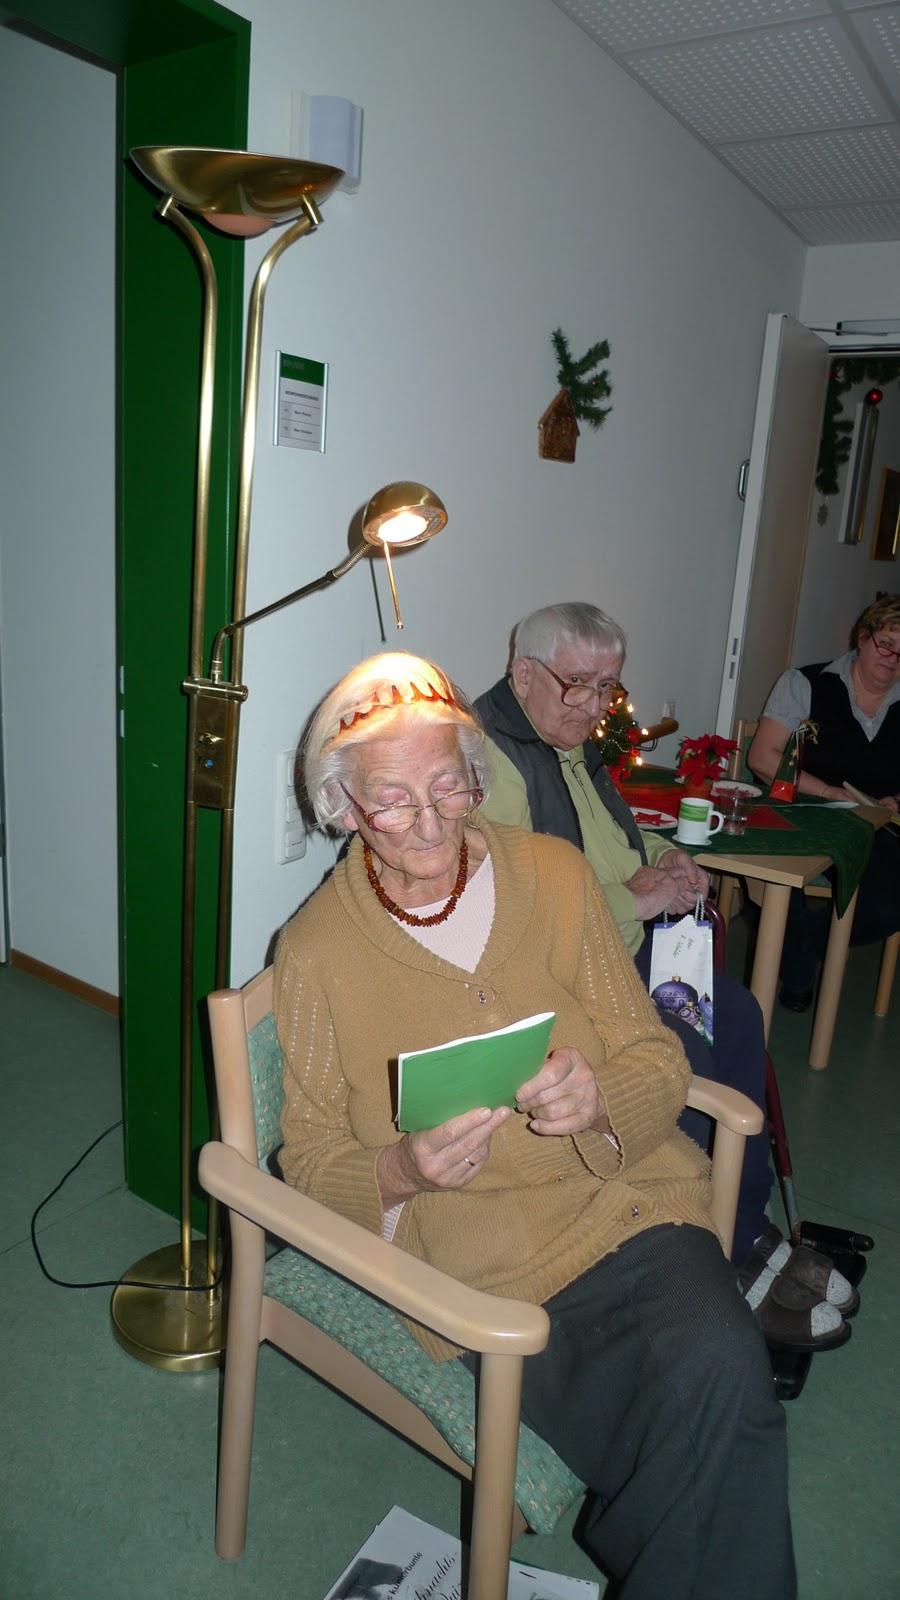 Küchenleiter Potsdam ~ awo seniorenzentrum wiesengrund trebbin dezember 2010